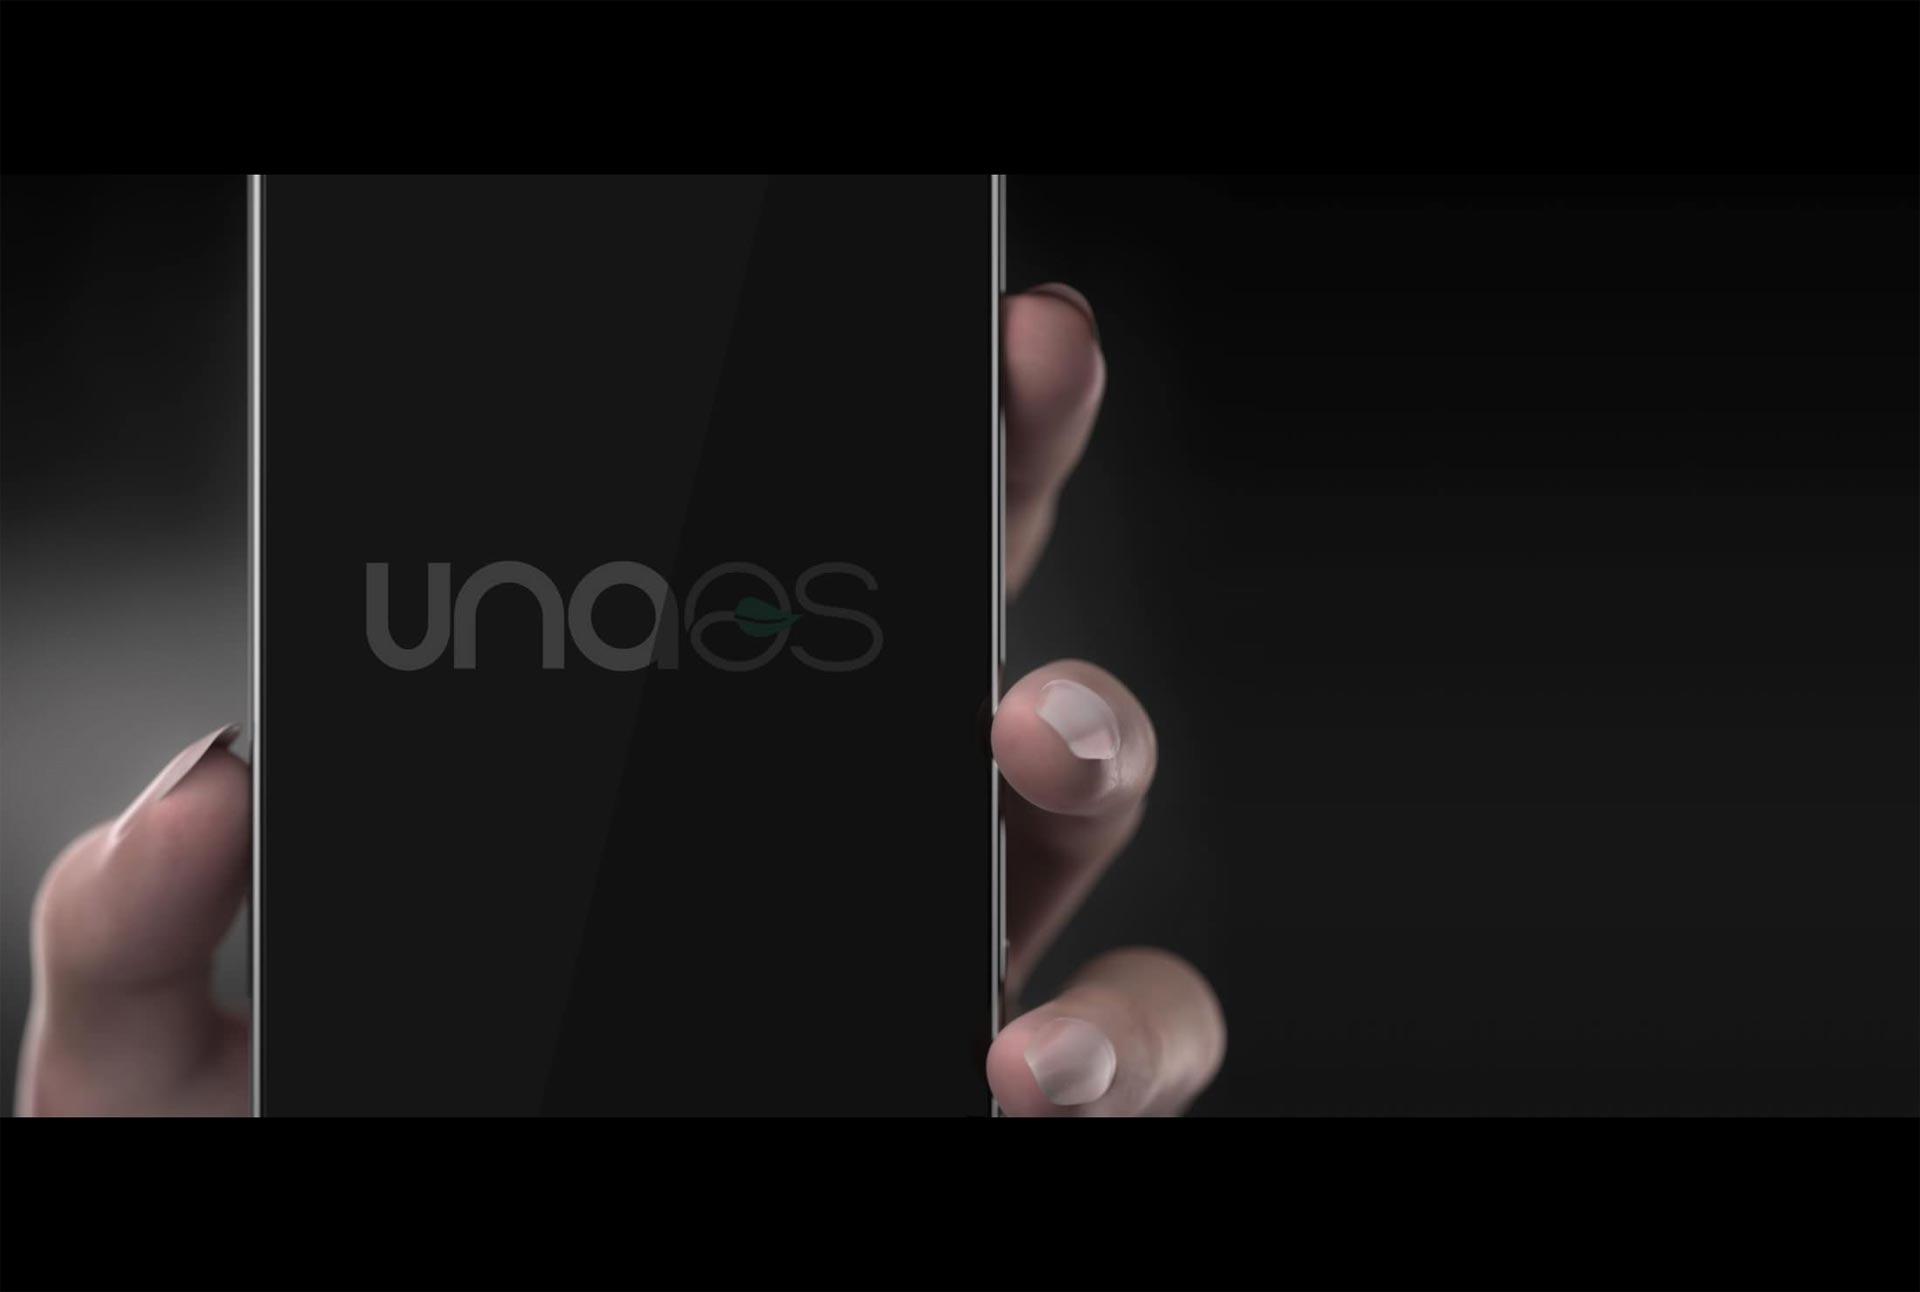 En UnaPhone Zenith es imposible instalar aplicaciones de terceros, lo que garantiza la privacidad del usuario